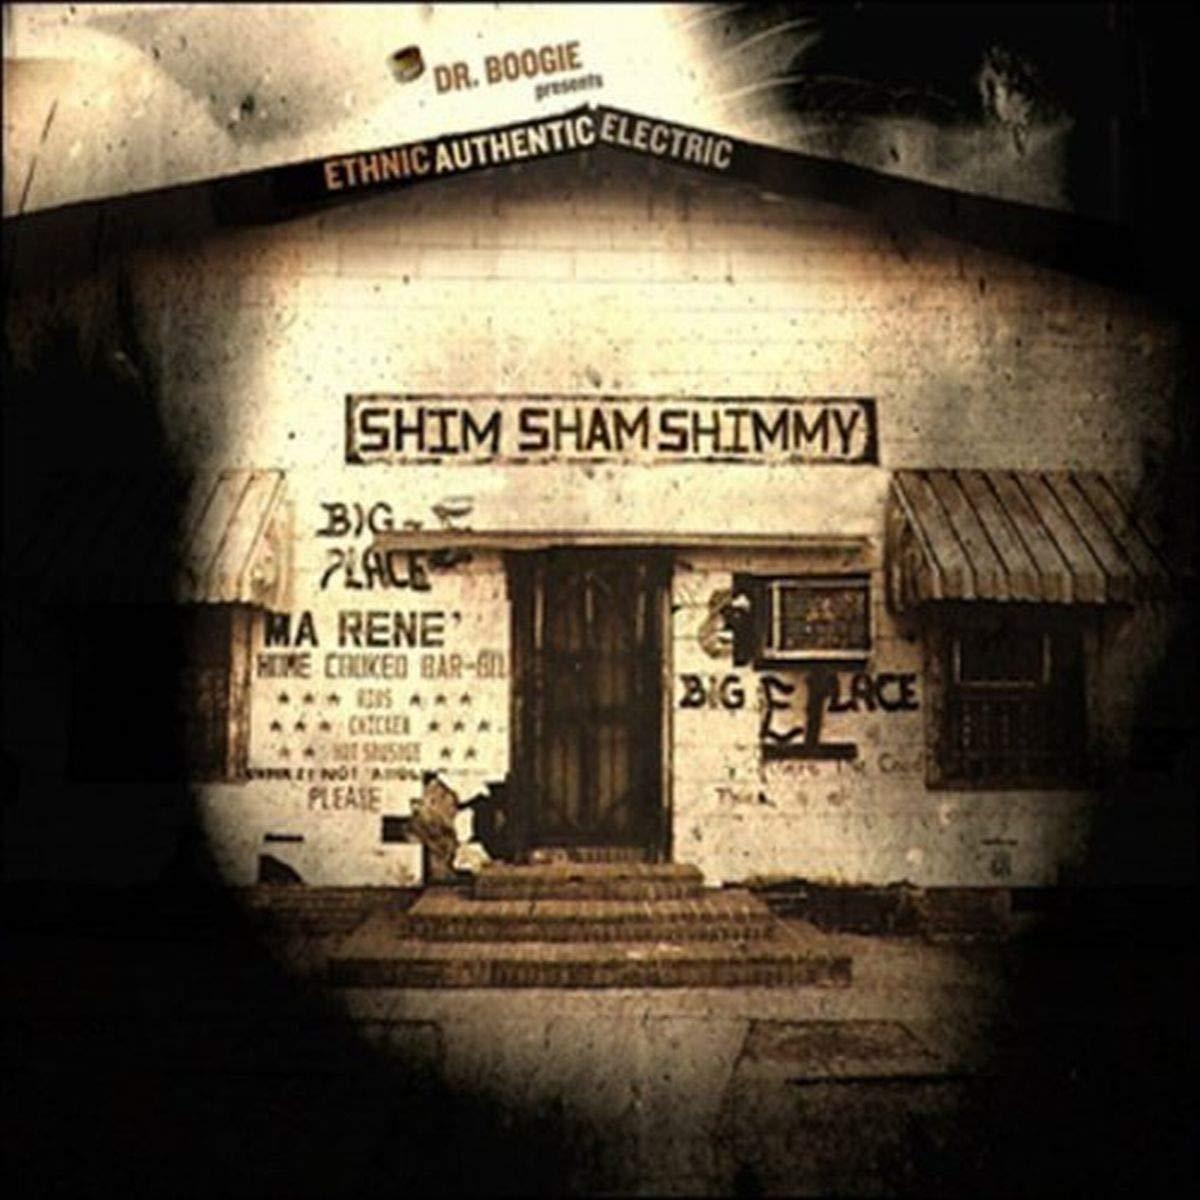 Shim 5 ☆ New product! New type very popular Sham Shimmy